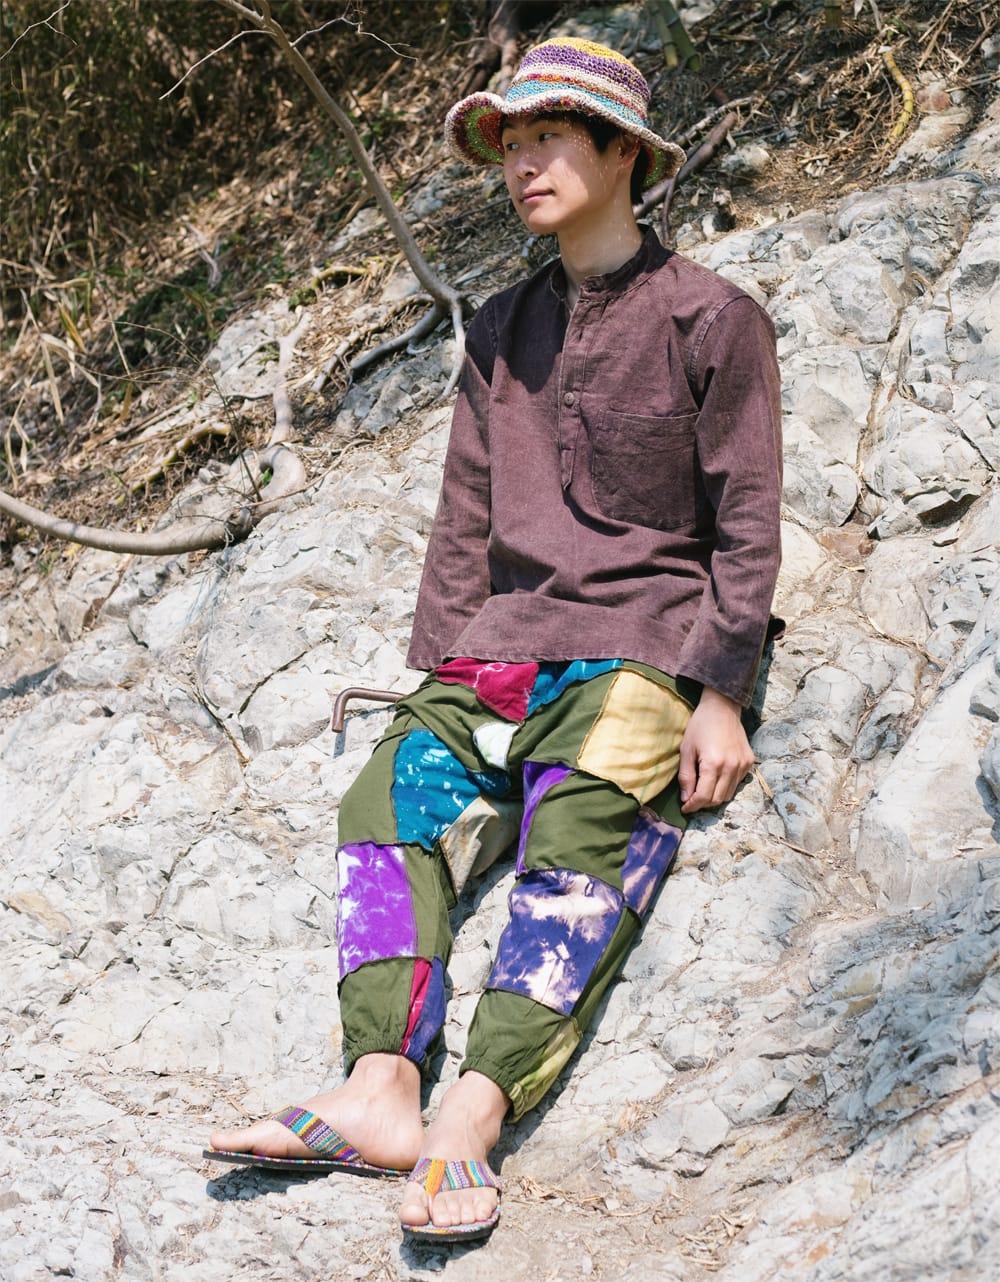 タイダイパッチワークのスウェットパンツ 10 - 身長167cmのモデルさんがグリーンを着用したところです